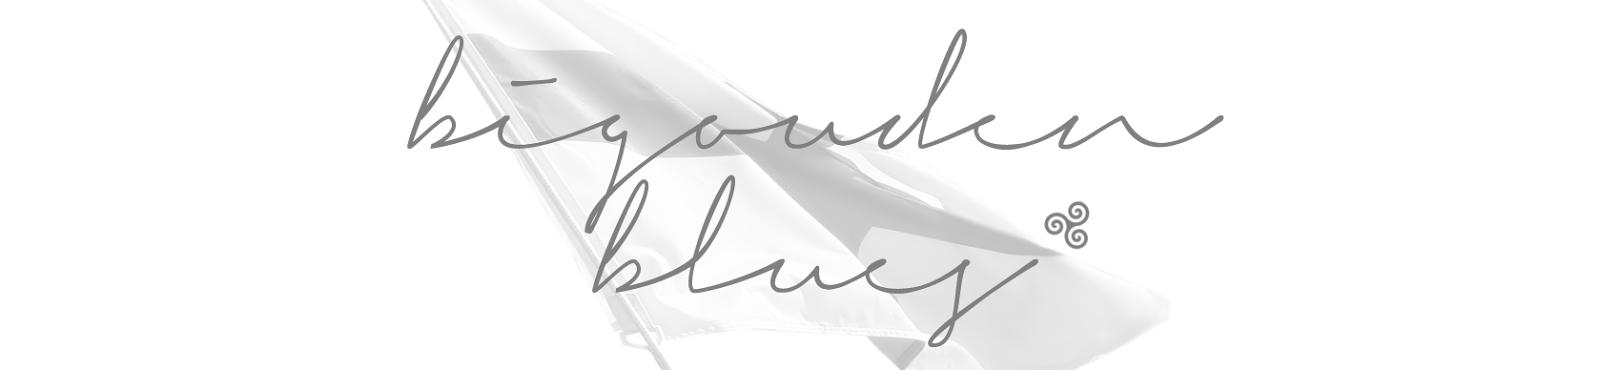 BigoudenBlues | Blog dessin, lifestyle